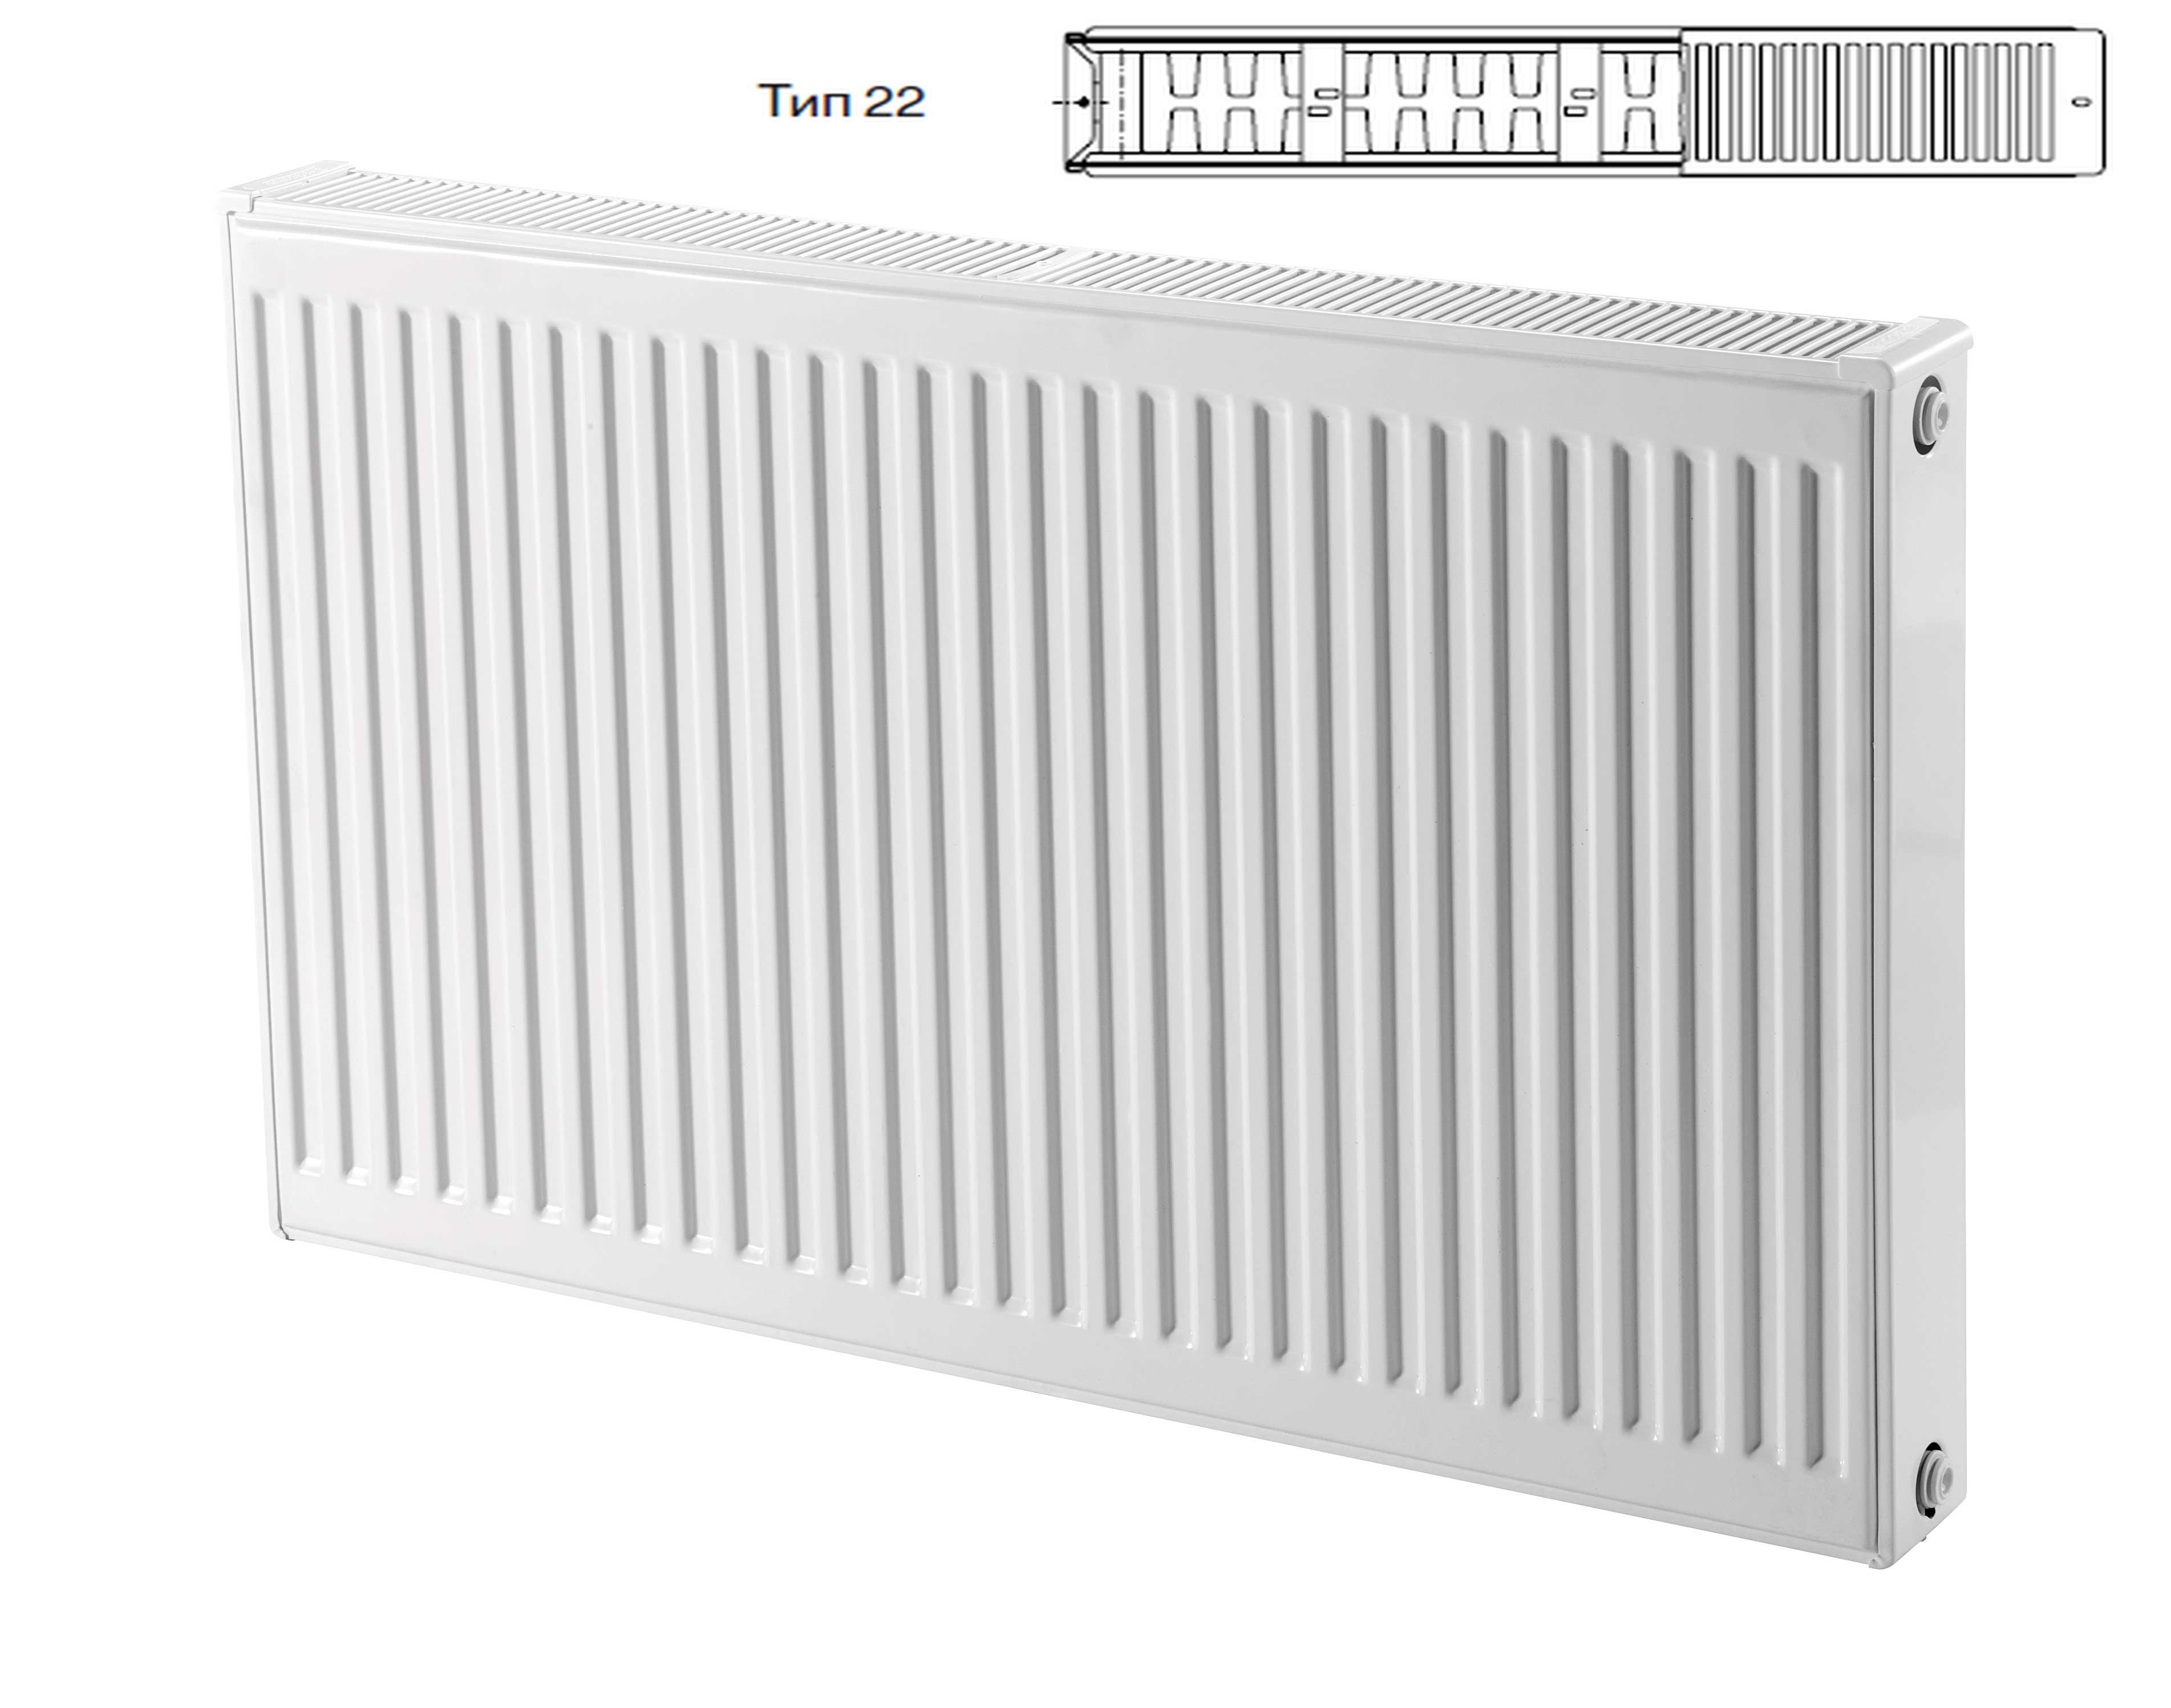 Стальные радиаторы Buderus тип 22-300 с боковым подключением